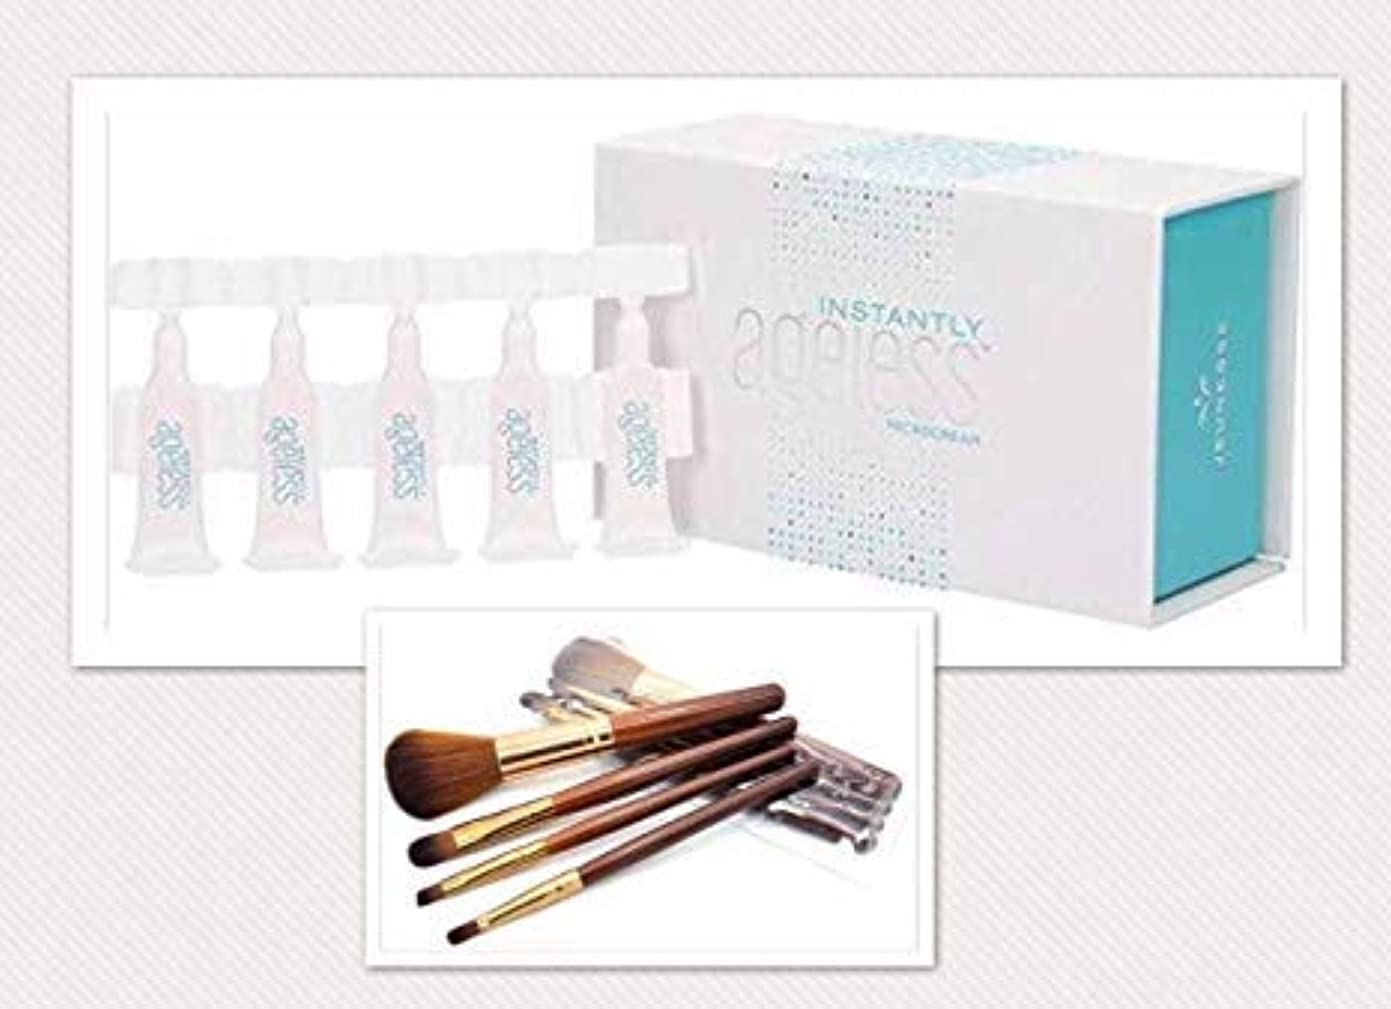 傾く損失ブラザーJeunesse Instantly Ageless 25 Vials. with 4 FREE travel size makeup brushes and case【並行輸入品】メイクブラシ4本付き